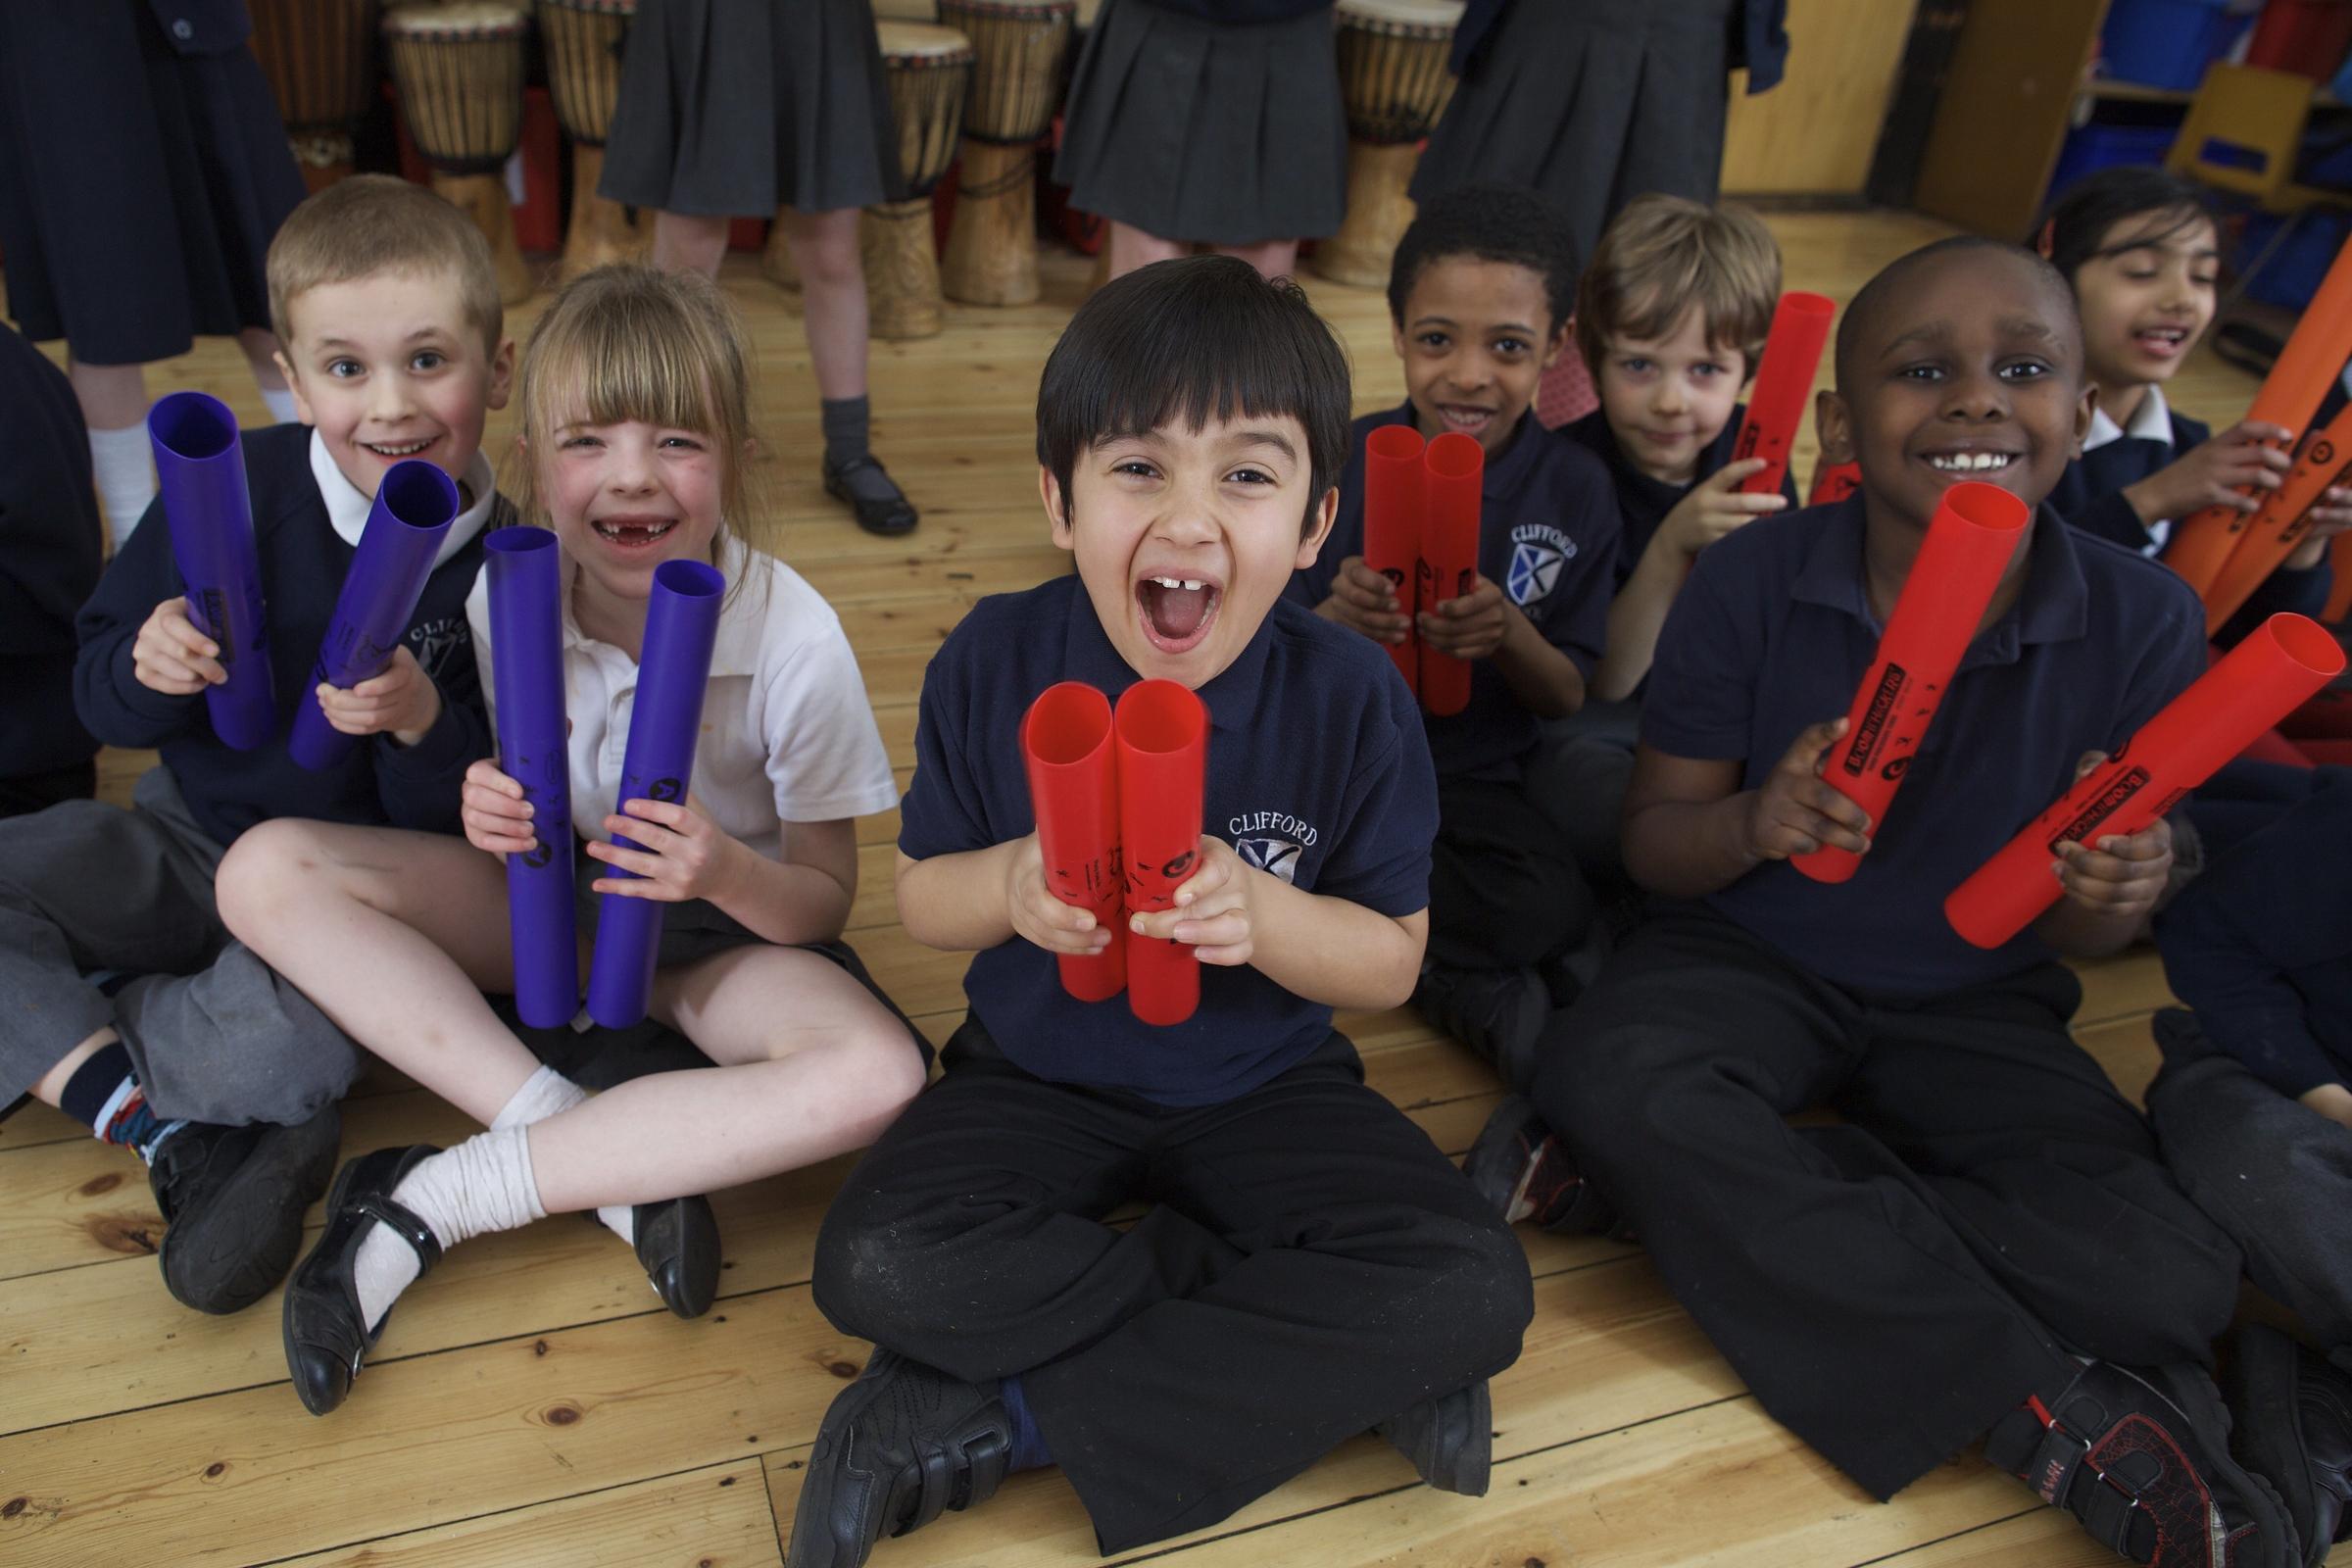 Kids having fun at Unbeatable Energy drumming workshops.